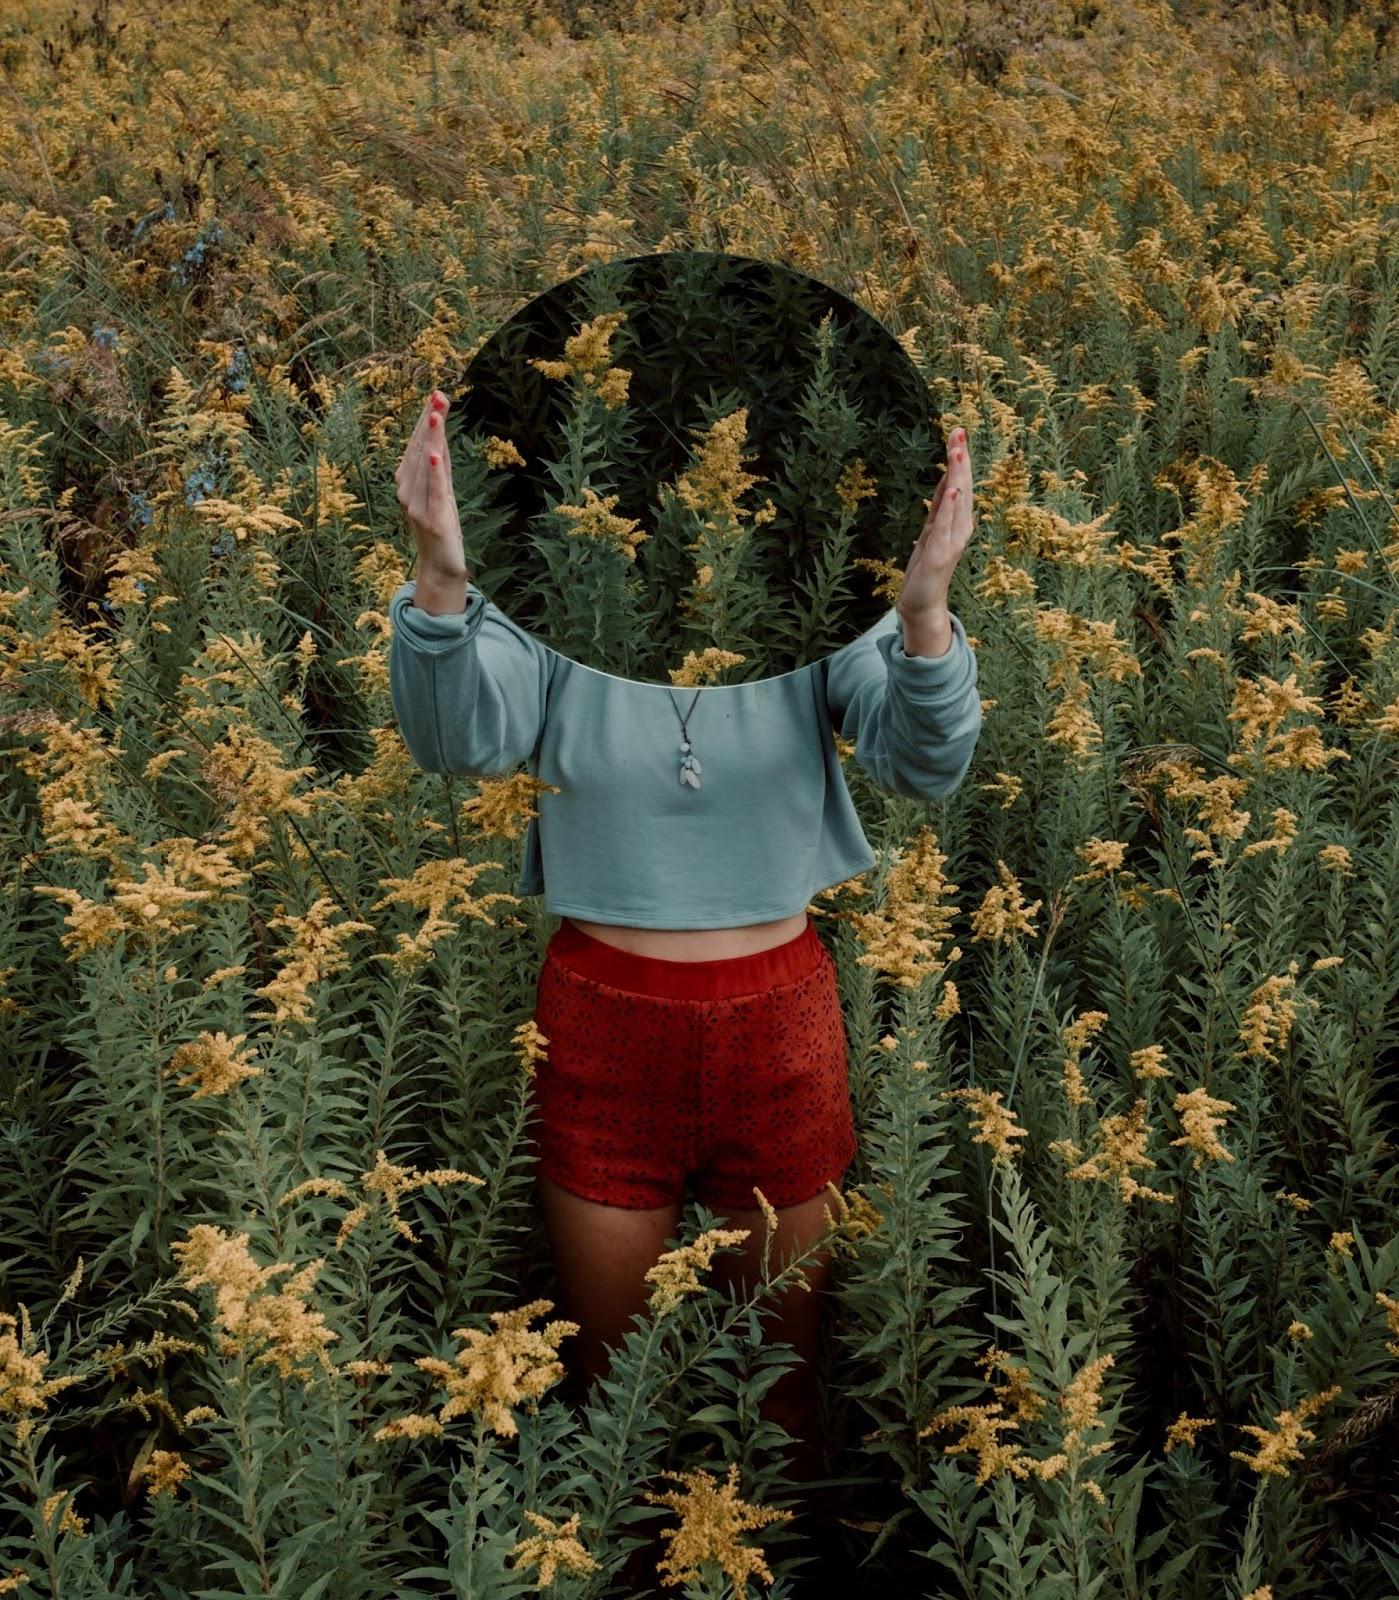 donna con specchio in mano in un campo di fiori